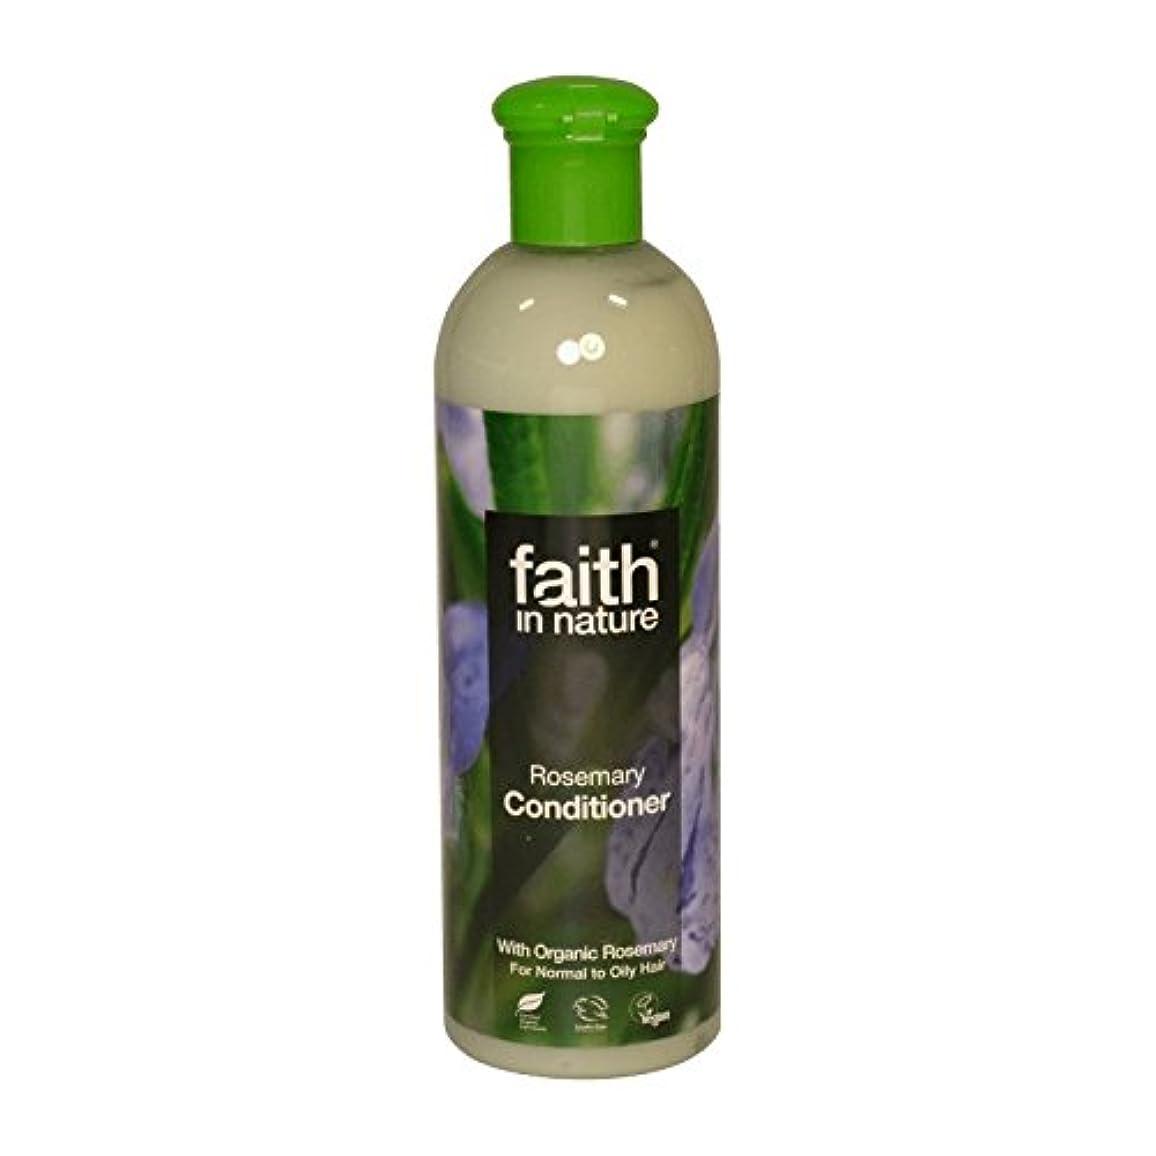 ランタン非アクティブ修士号自然ローズマリーコンディショナー400ミリリットルの信仰 - Faith in Nature Rosemary Conditioner 400ml (Faith in Nature) [並行輸入品]